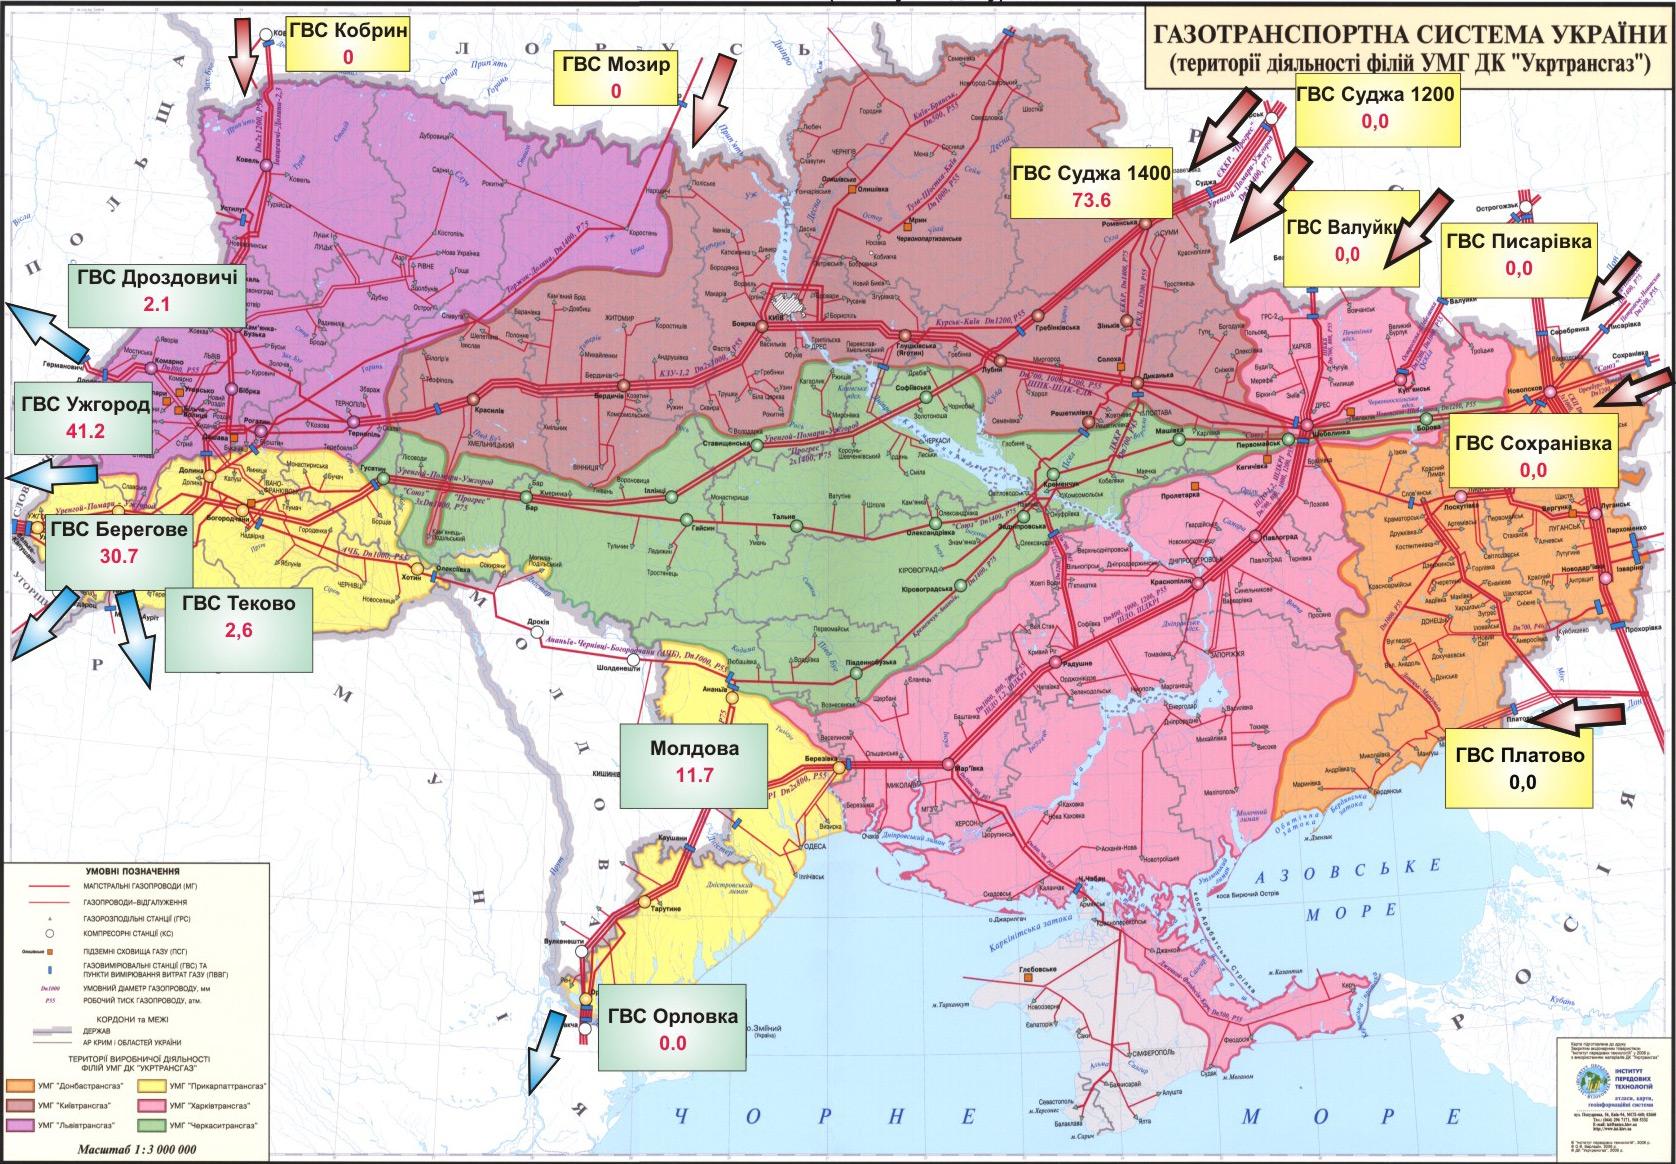 Трубы газа в Украине карта